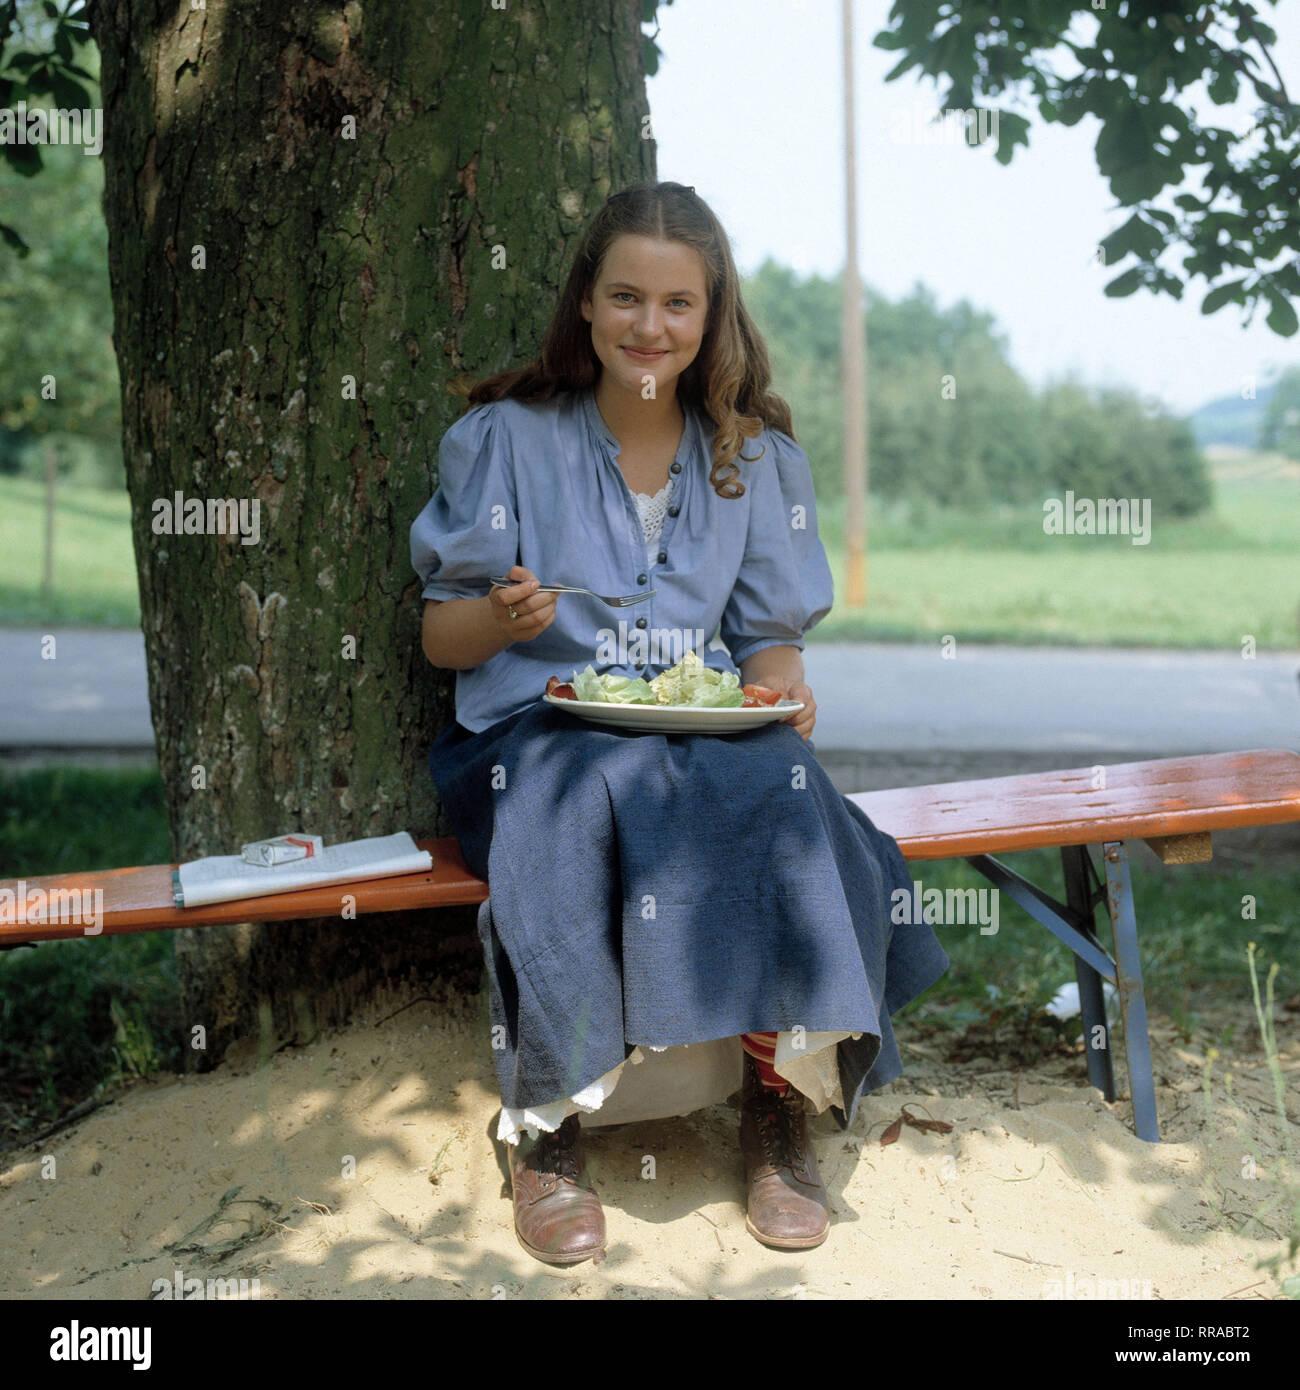 DER TROTZKOPF / BRD 1983 / Helmut Ashley / Hauptdarstellerin ANJA SCHÜTE während einer Drehpause. EM / Schüte / Überschrift: DER TROTZKOPF / BRD 1983 Immagini Stock